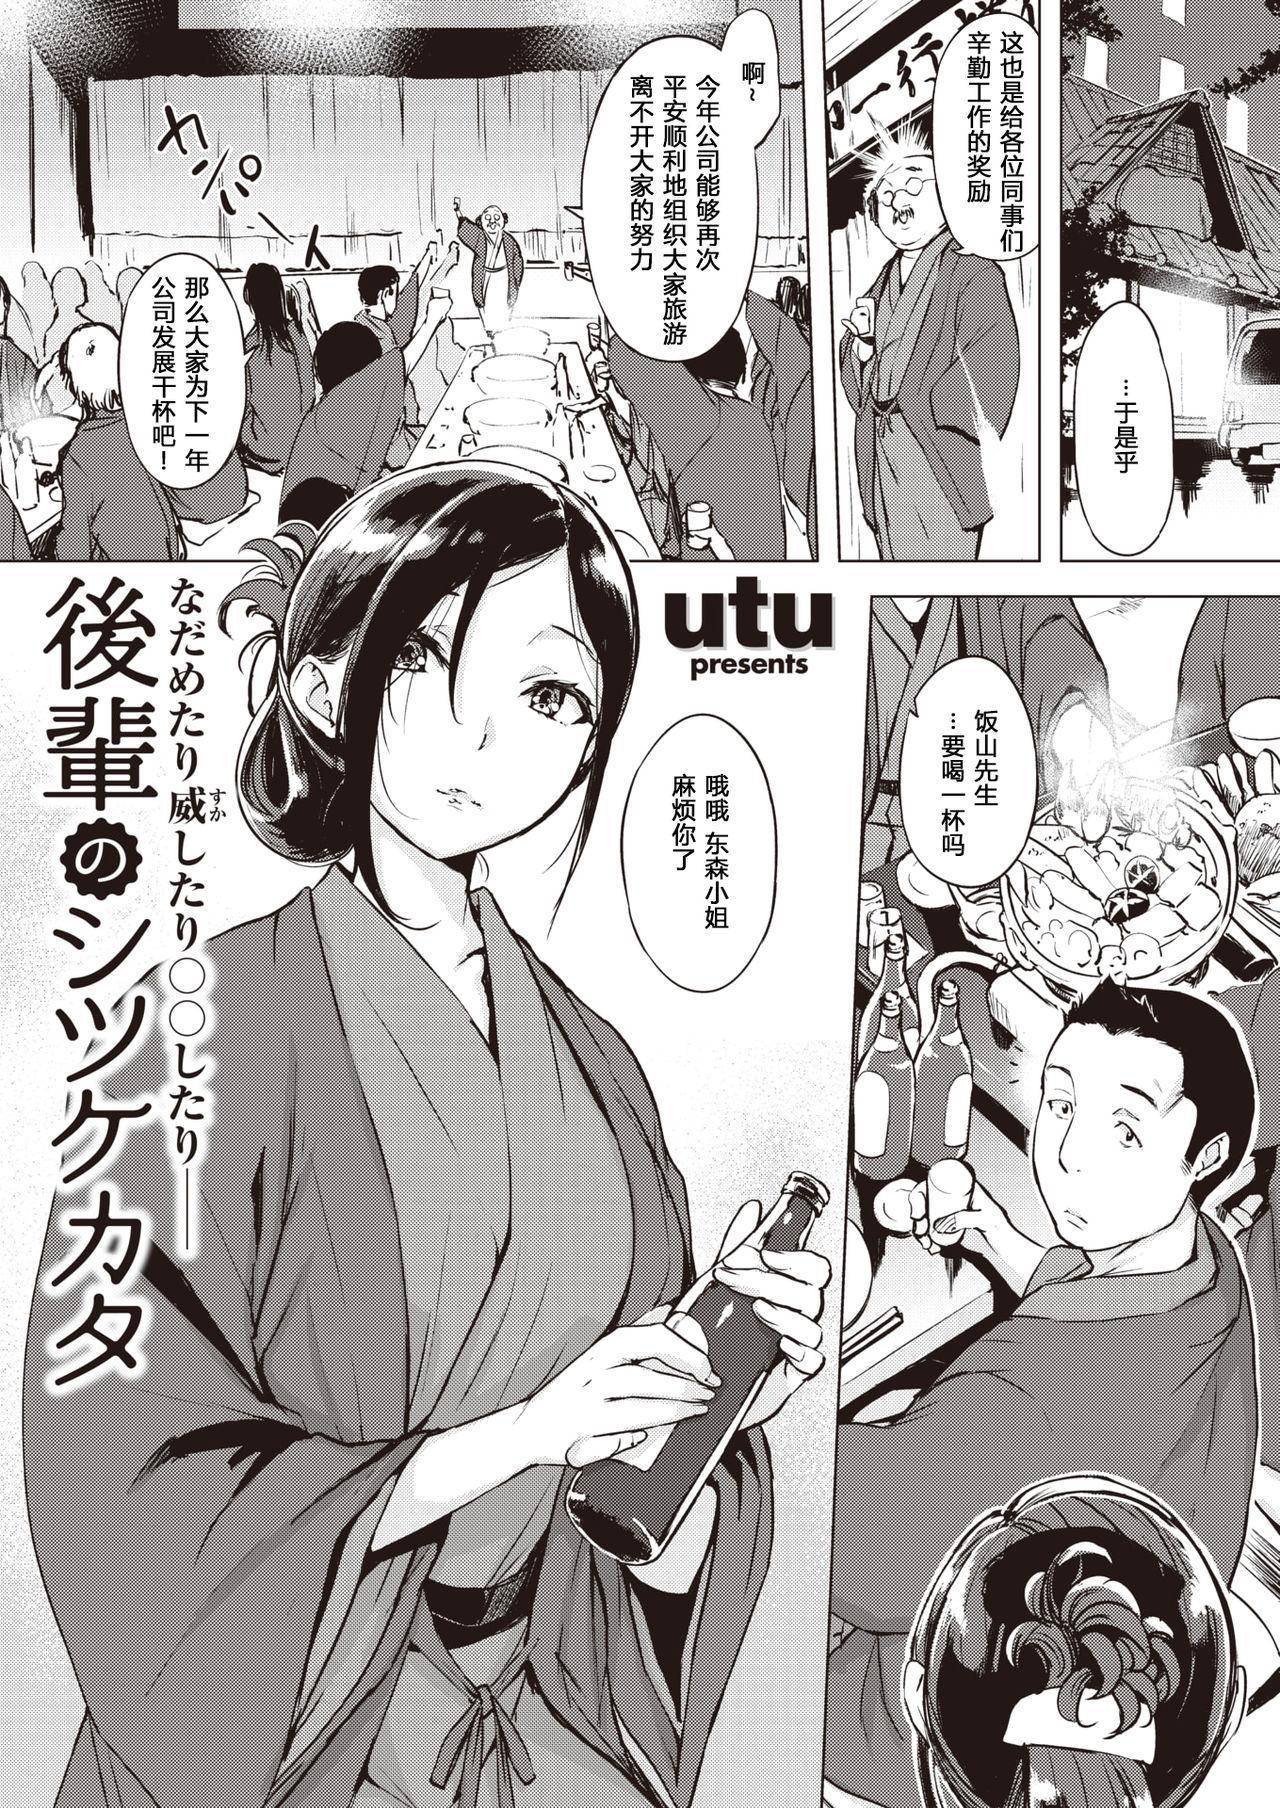 Kouhai no Shitsukekata Nadametari Odoshitari ○○ shitari -   对后辈的教育方法:可以亲切可以严厉也可以OO—— 1